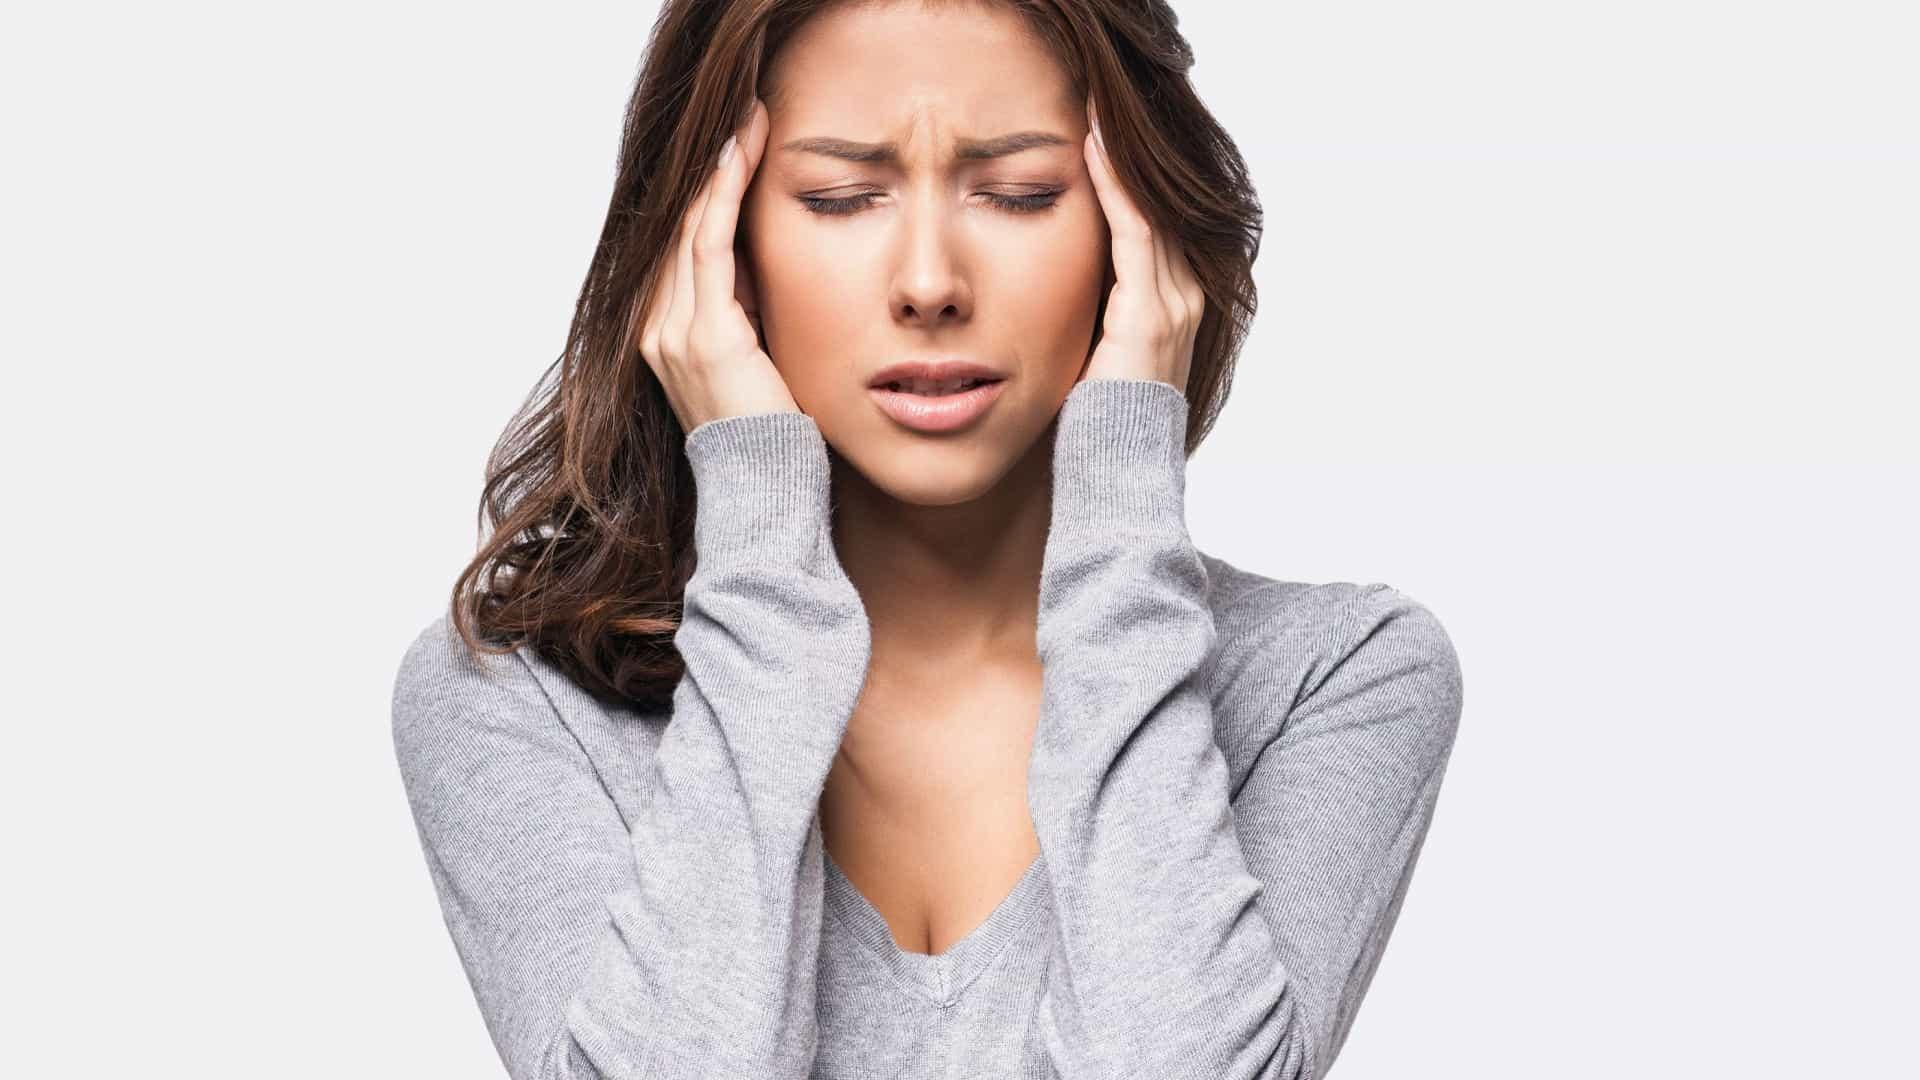 Água quente- compressas e benefícios no alívio de dores